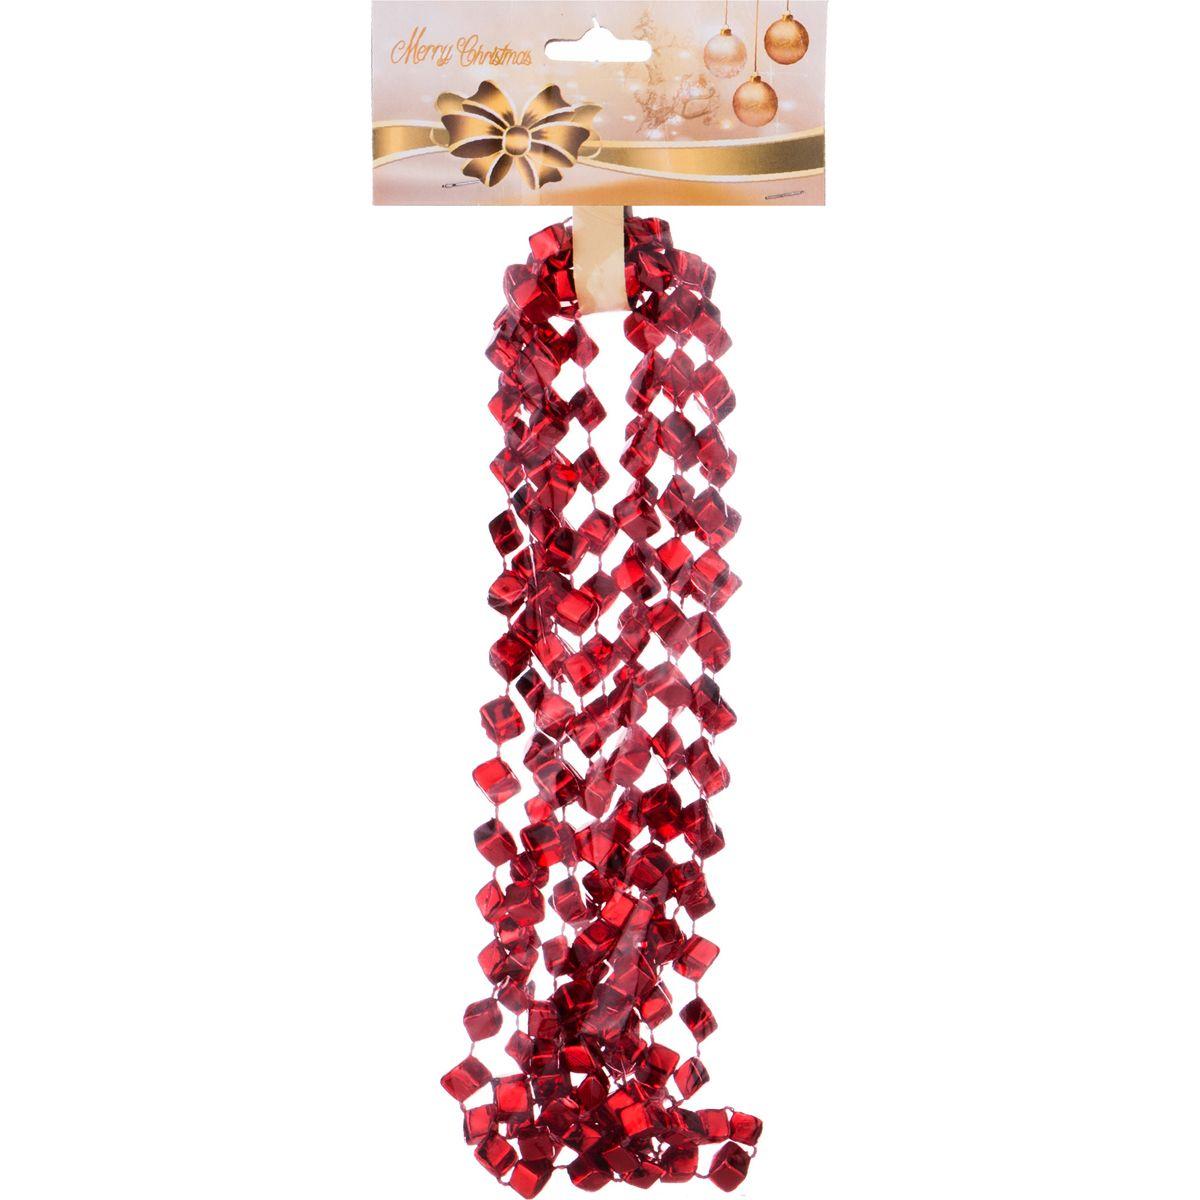 Декоративная гирлянда Алмазы Цвет: Рубиновый (270 см) Lefard lfr407354